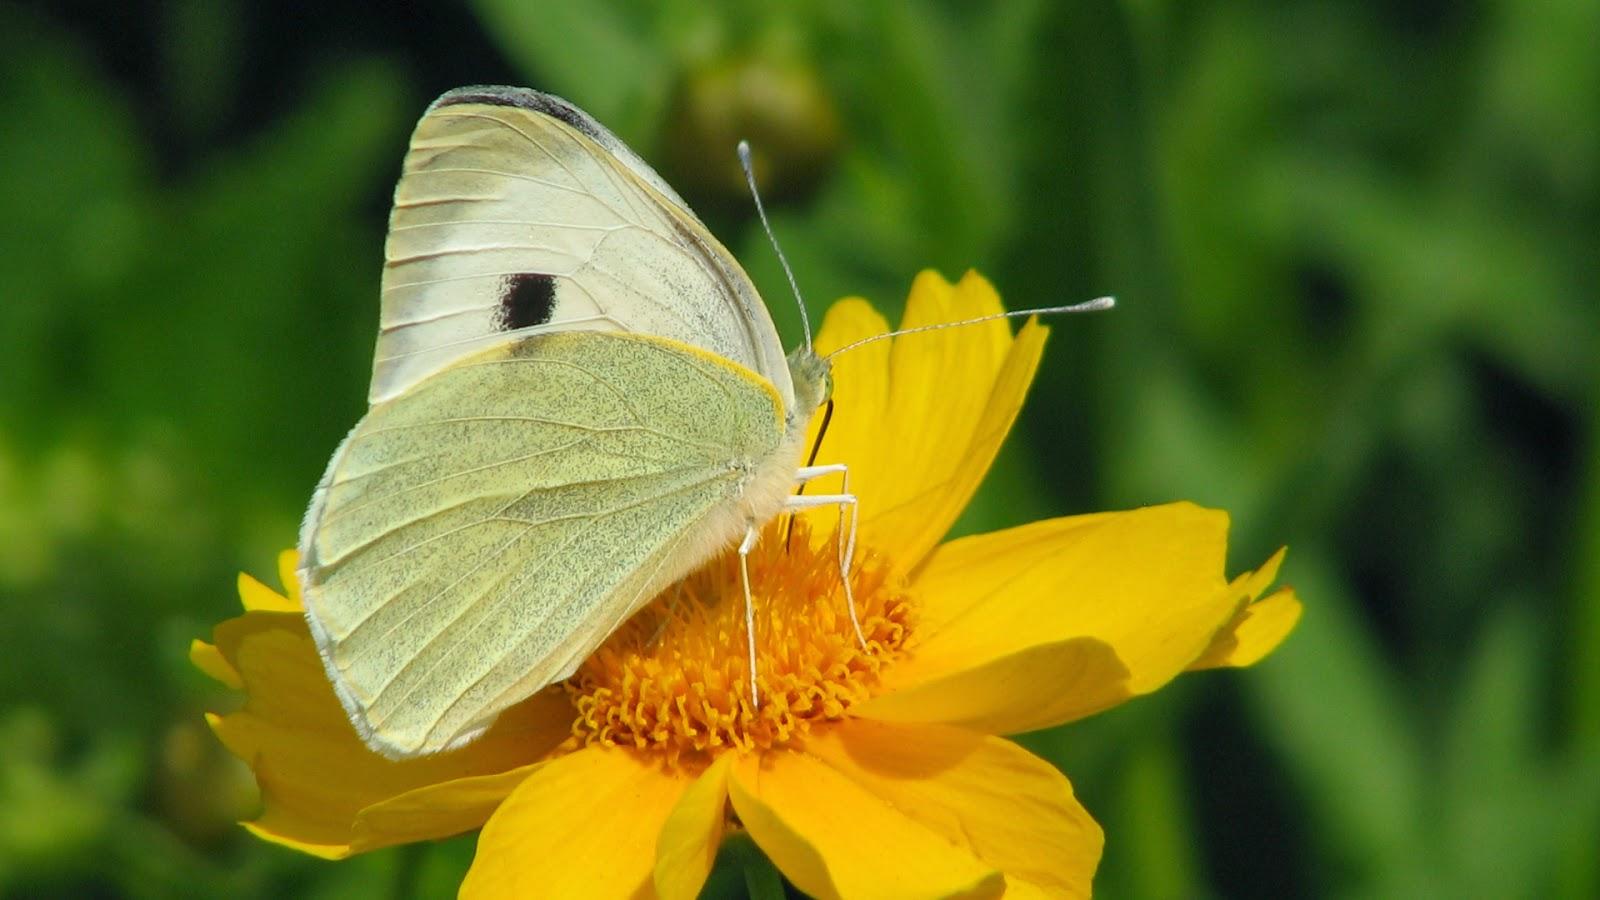 Desktop HD Wallpapers Free Downloads: Butterfly in Yellow ...